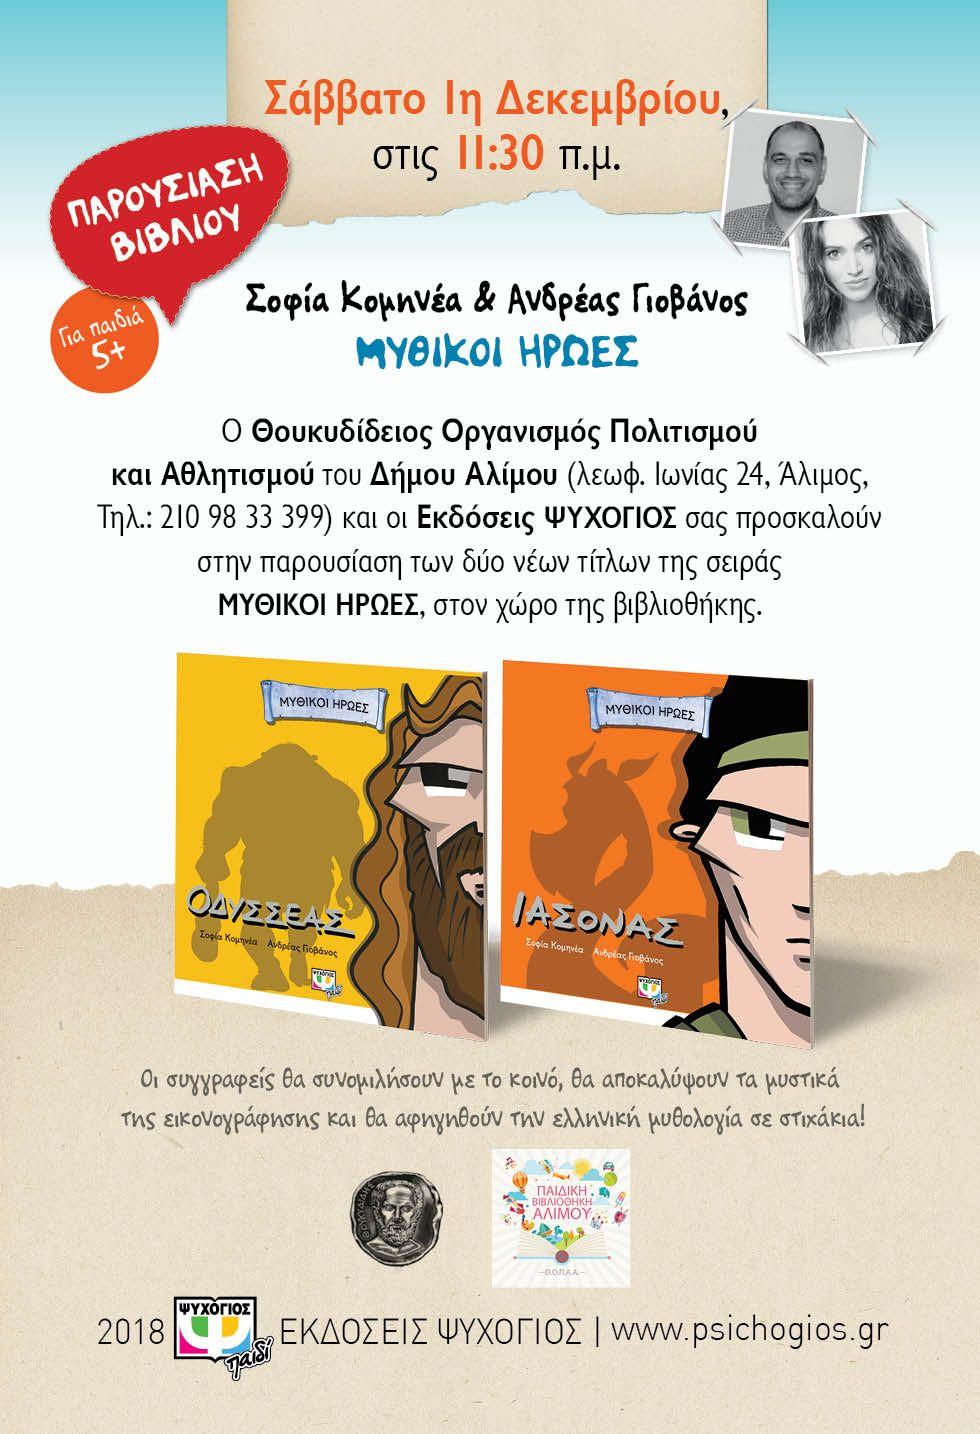 Αύριο η εκδήλωση στη Δημοτική Βιβλιοθήκη Αλίμου σχετικά με τους μύθους σε στιχάκια με αφορμή τη σειρά βιβλίων «Μυθικοί ήρωες»